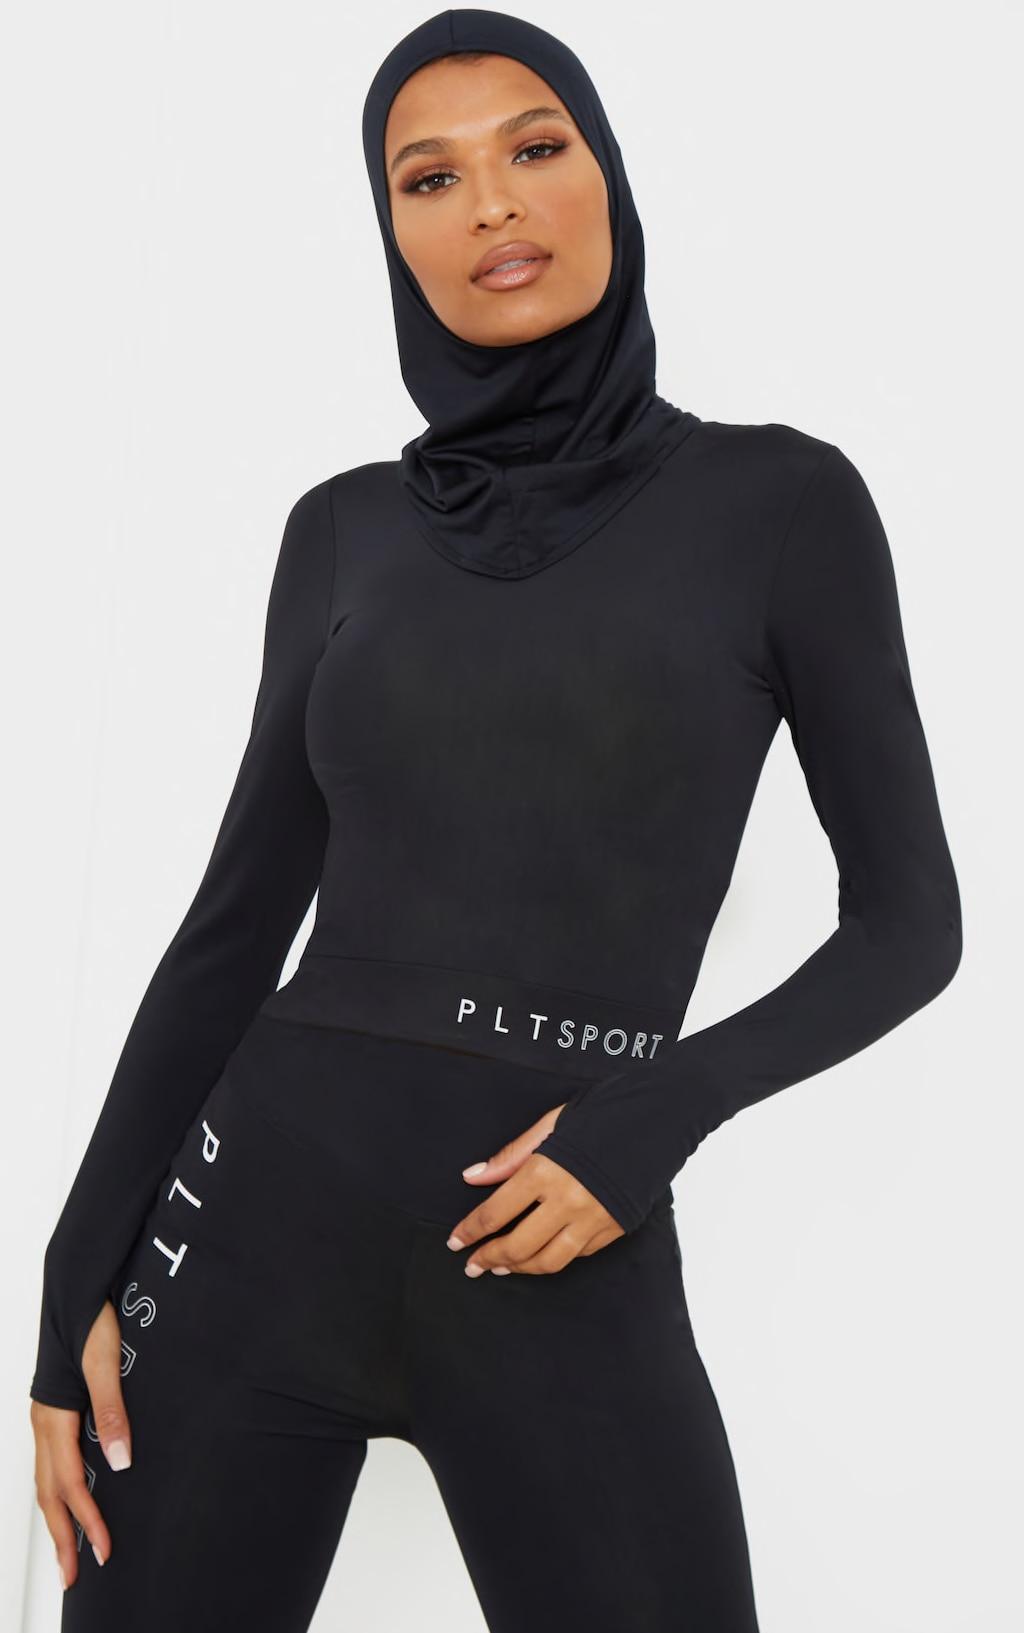 Black Sports Hijab 1